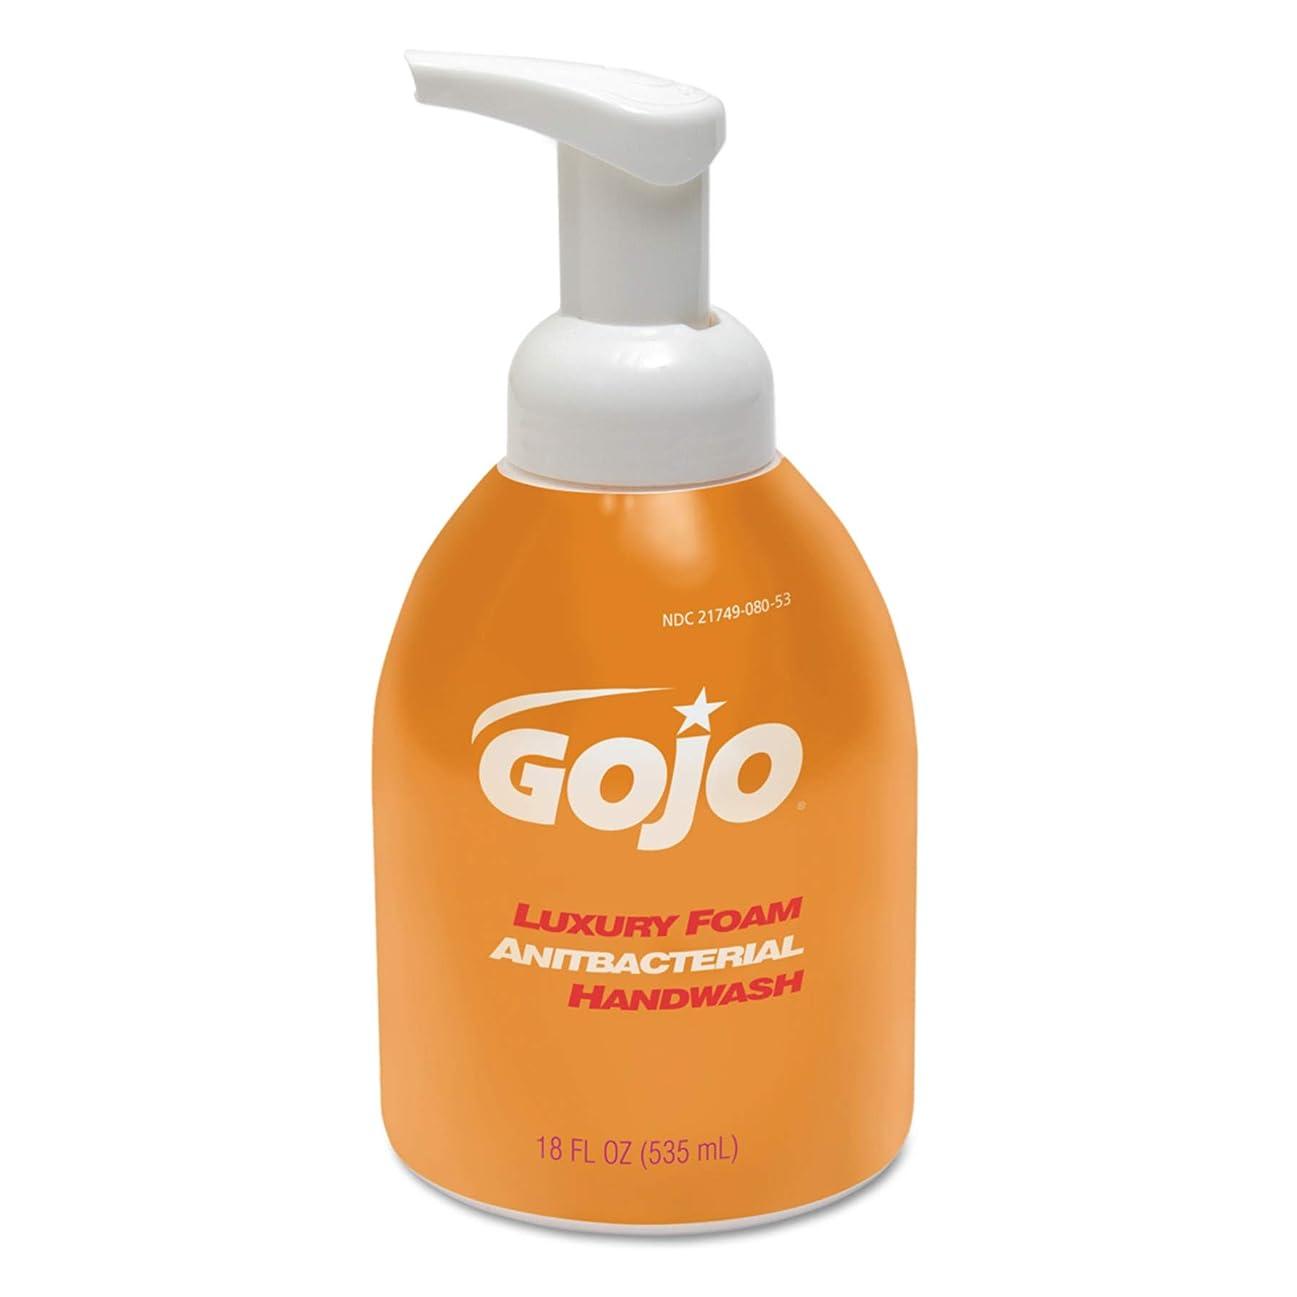 体現する時間革命的Luxury Foam Antibacterial Handwash, Orange Blossom, 18 oz Pump (並行輸入品)